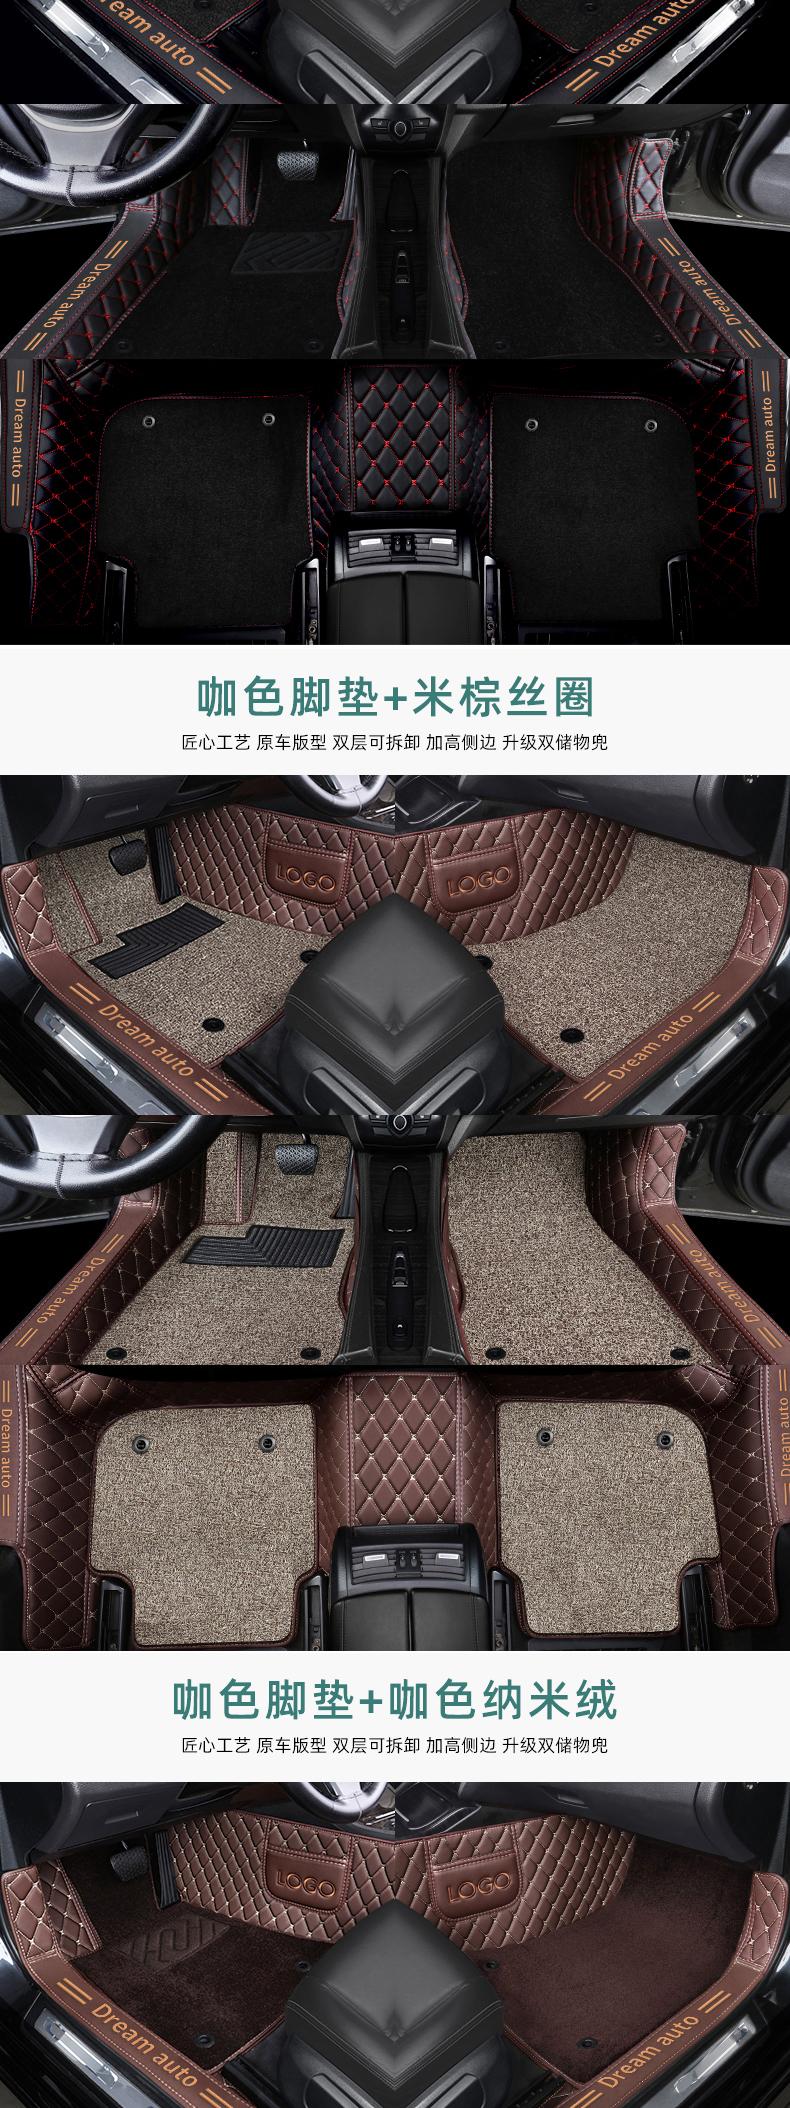 专用于福斯汽车脚垫新老款全大包围普桑手自动挡出租车脚垫详细照片